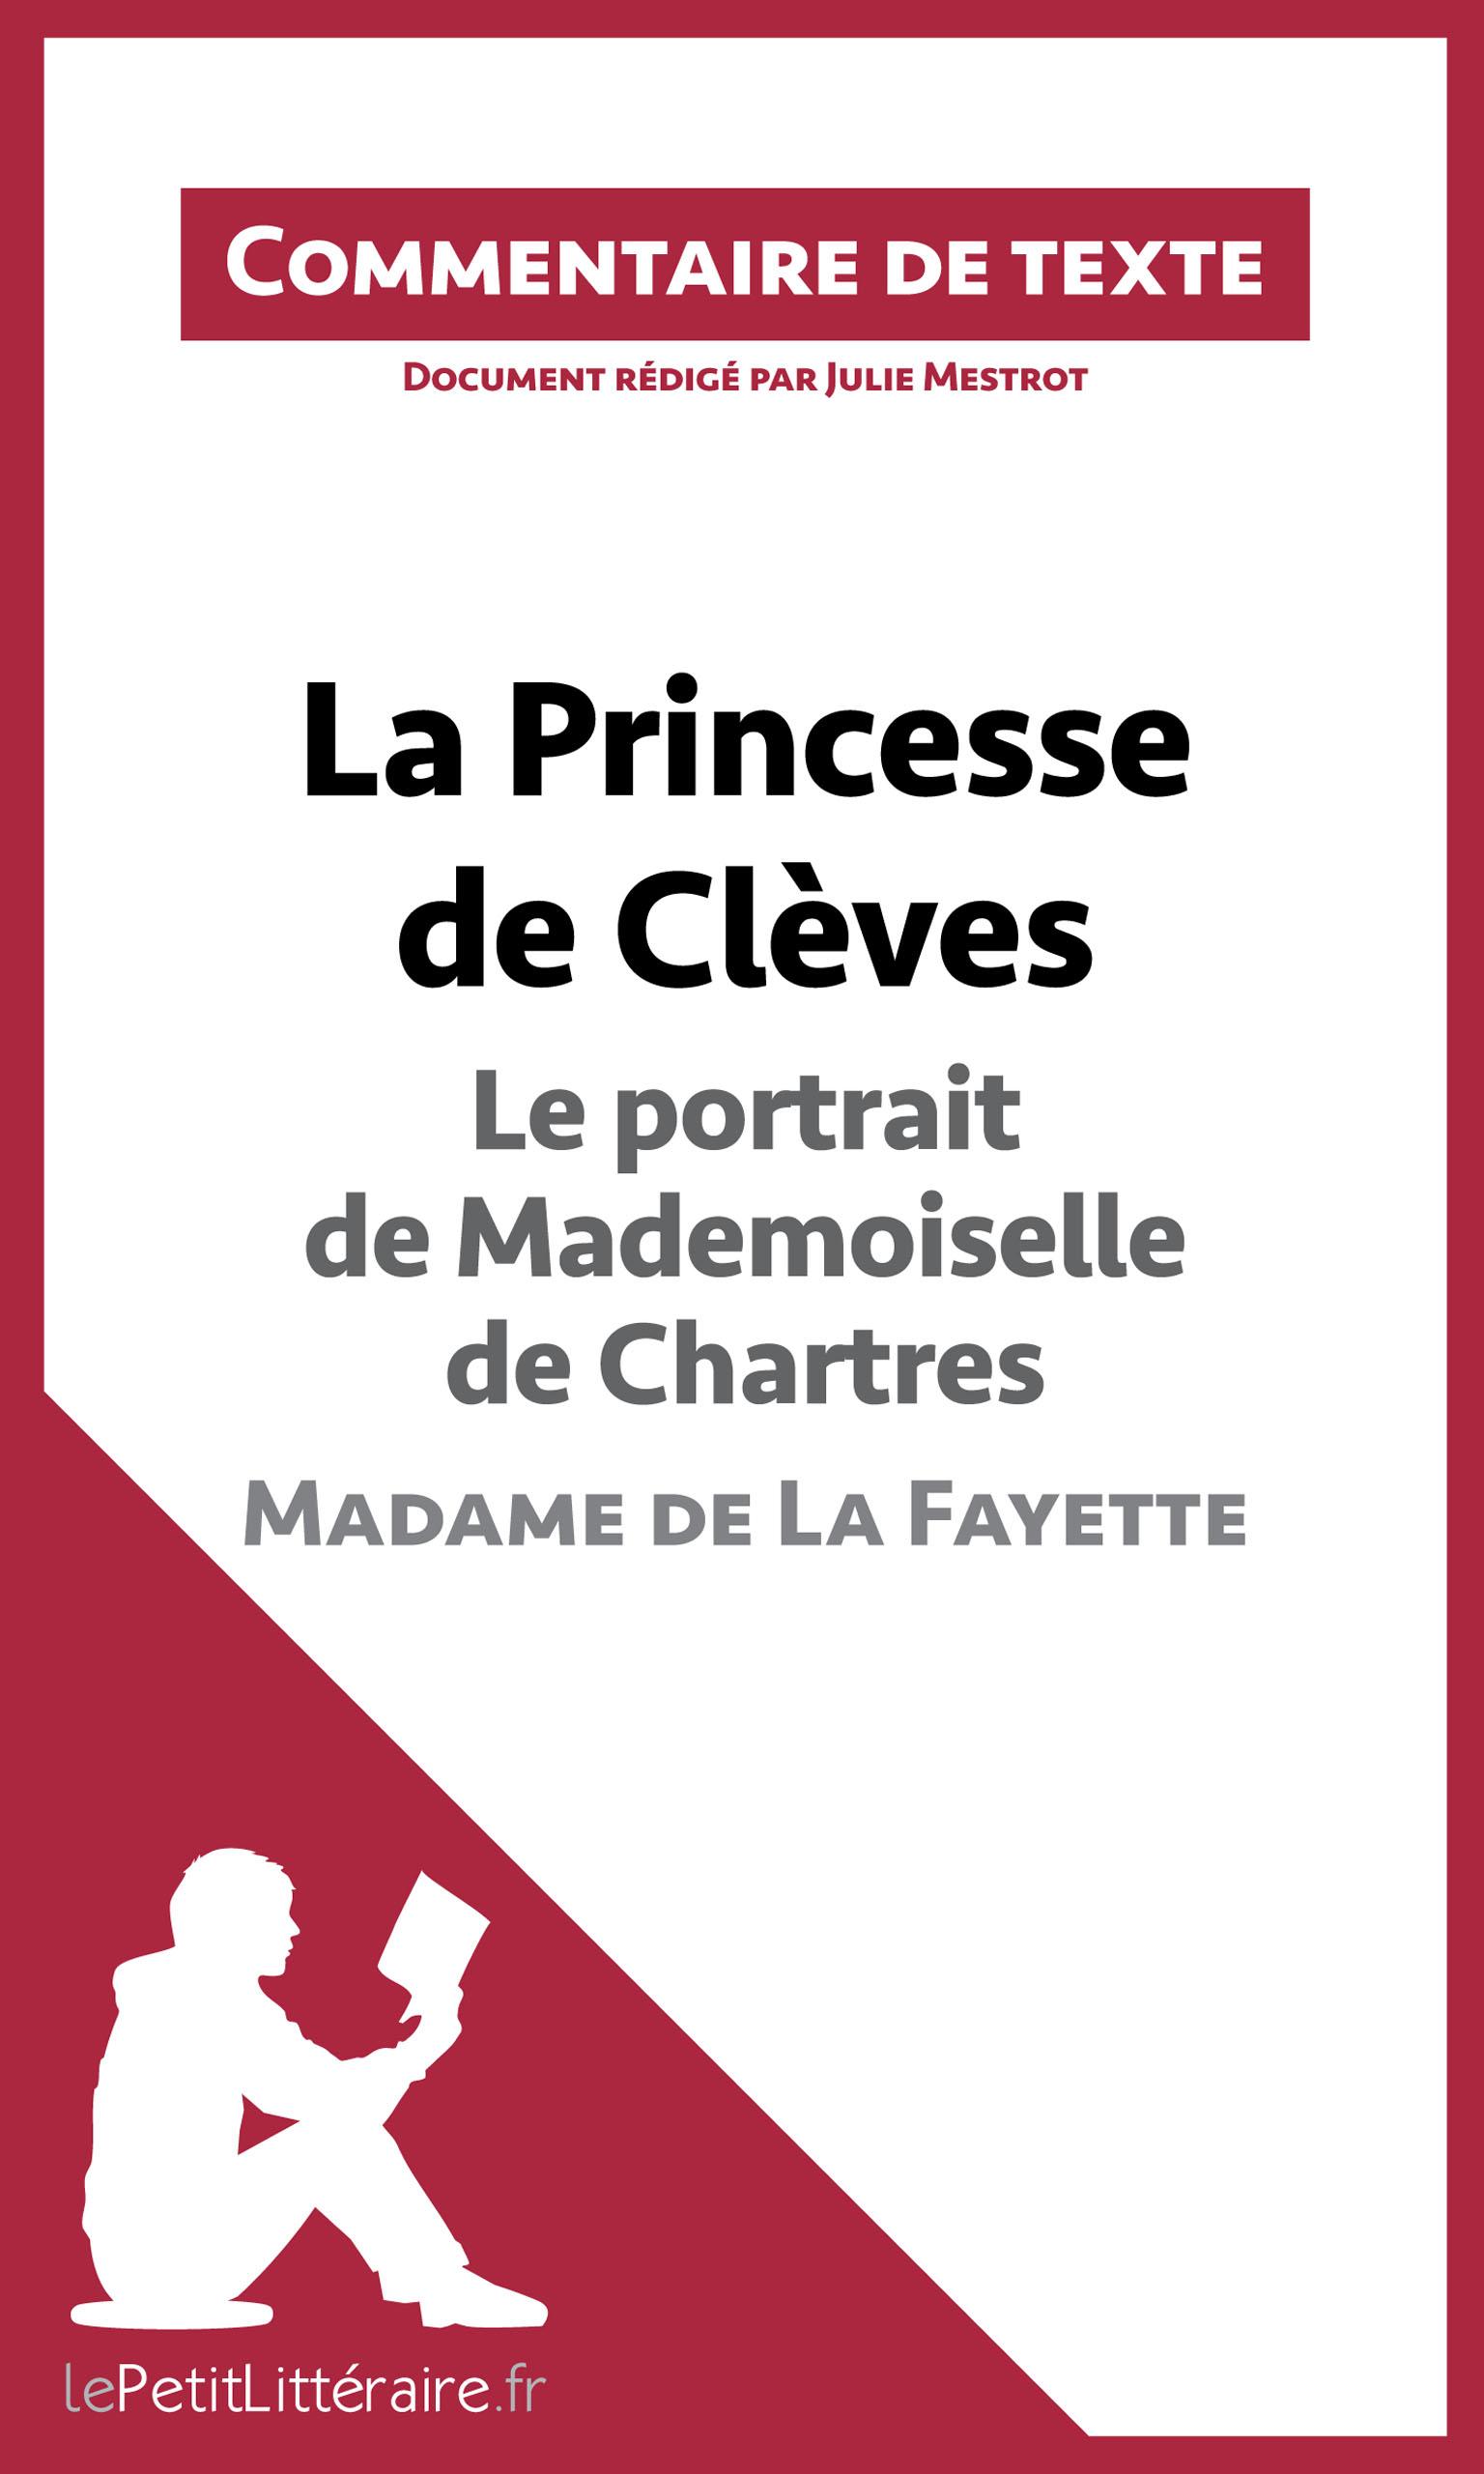 Le portrait de Mademoiselle de Chartres